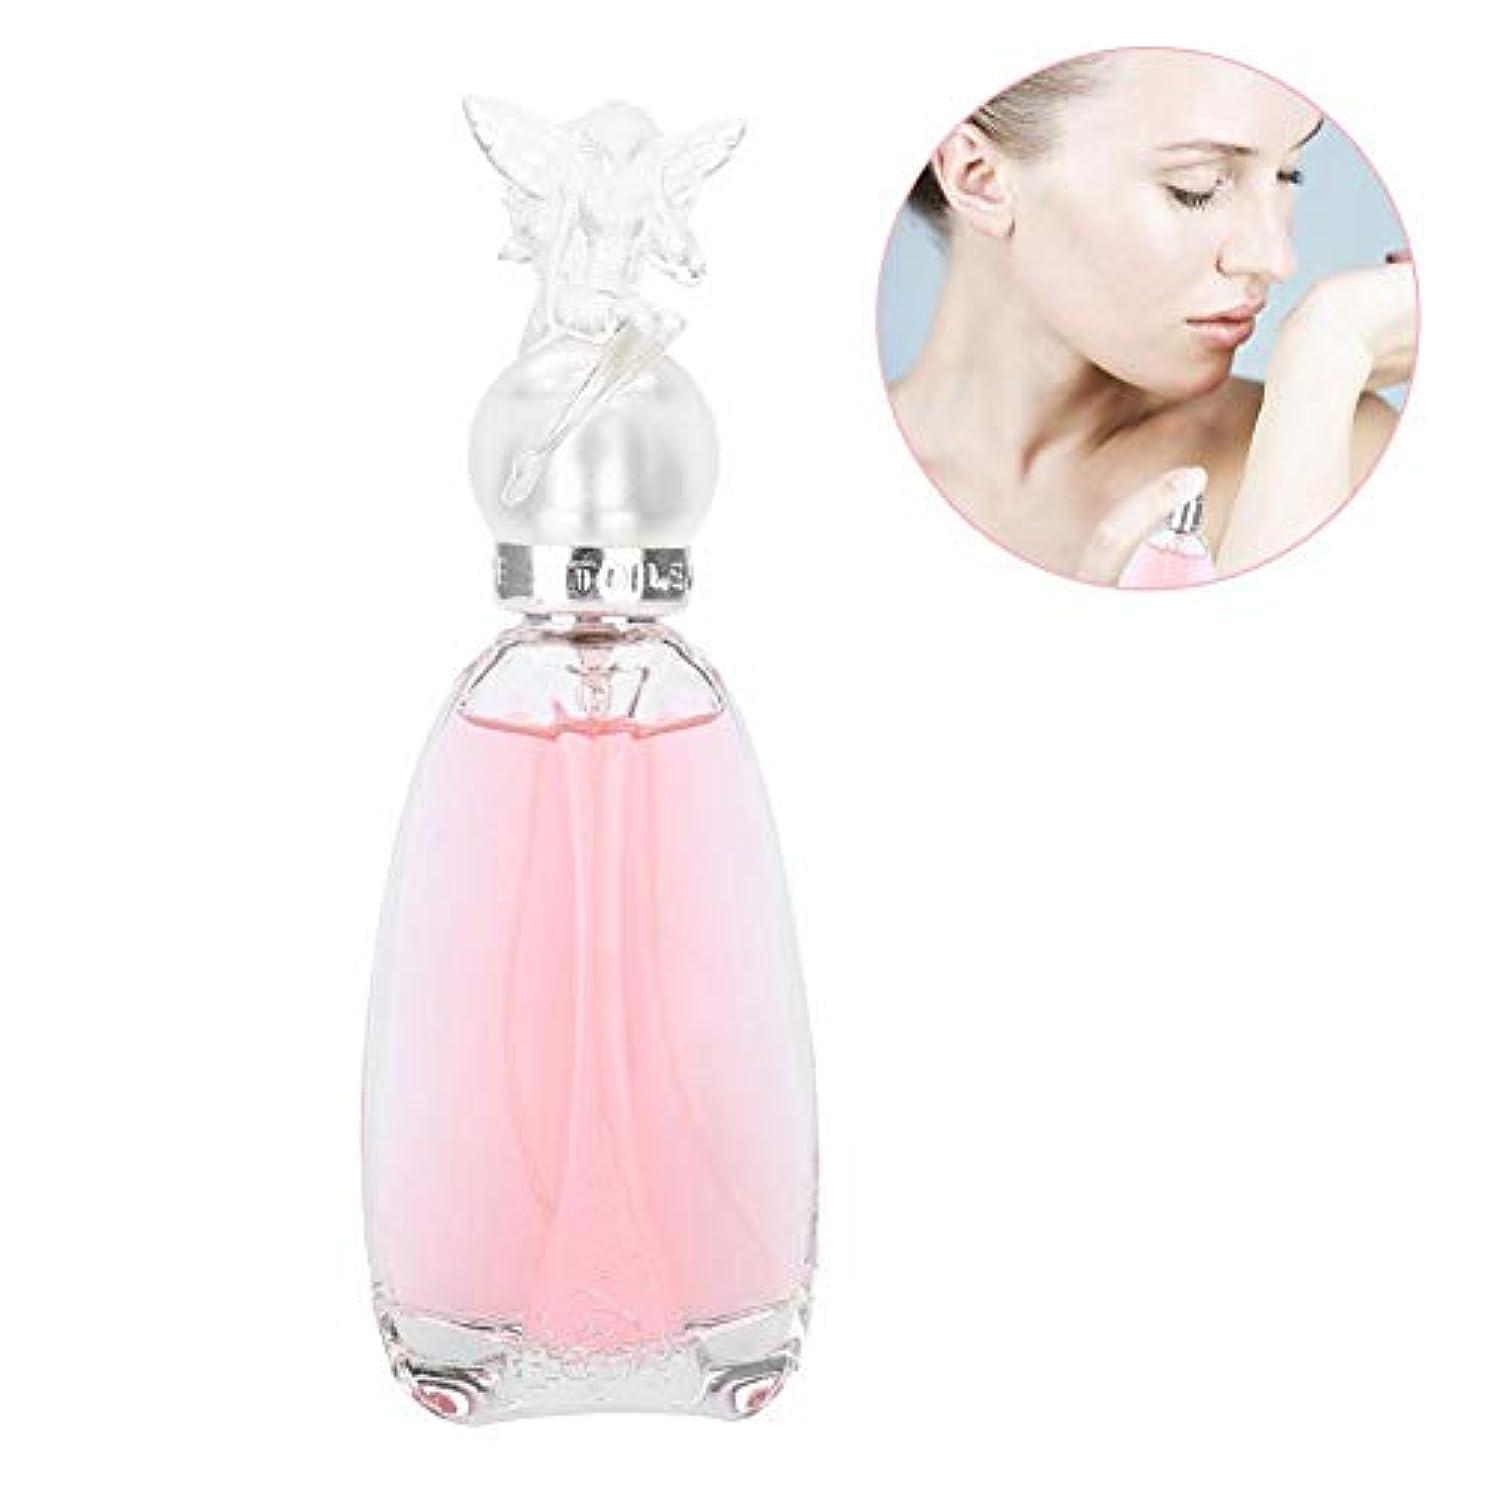 どういたしましてペンス忠実な50ミリリットル香水ウォータースプレー、女性のための香水フレッシュフルーツフレグランスパーティー女王香水ガラス瓶セクシーな素晴らしい長続きがする香水(Pink)